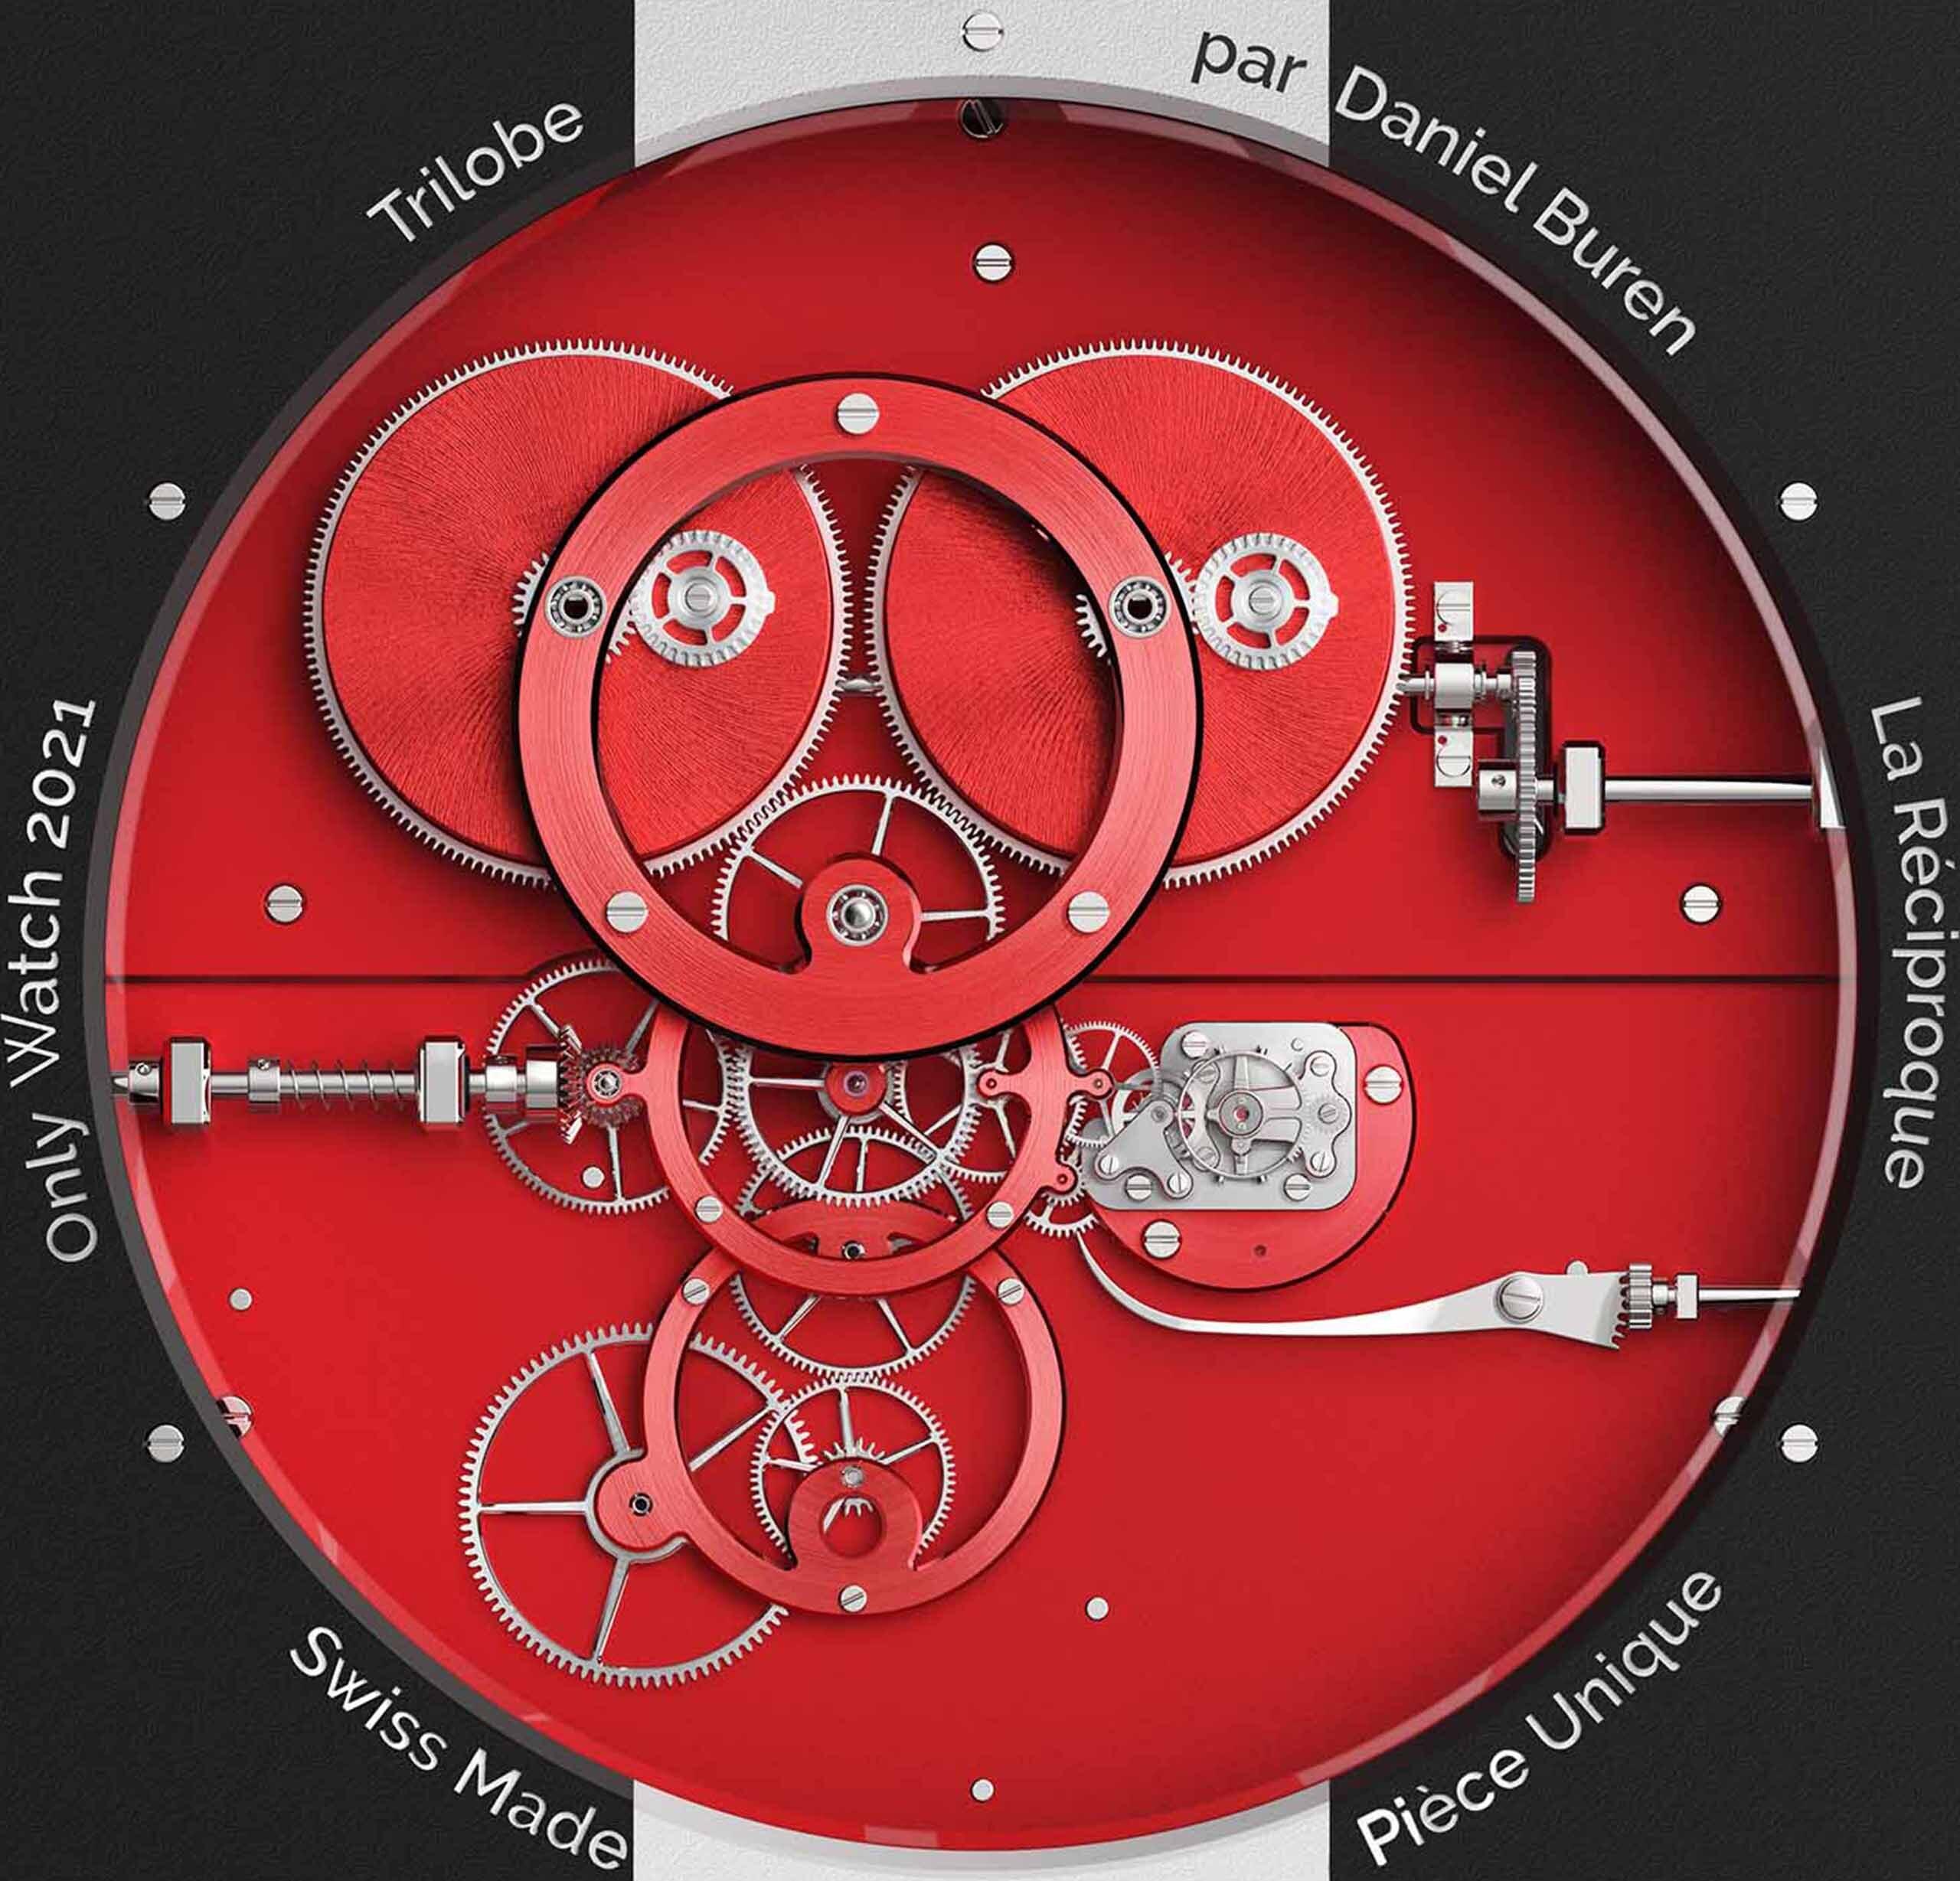 Mouvement de l'Horloge Trilobe par Daniel Buren, La Réciproque, développée à l'occasion de la vente Only Watch 2021